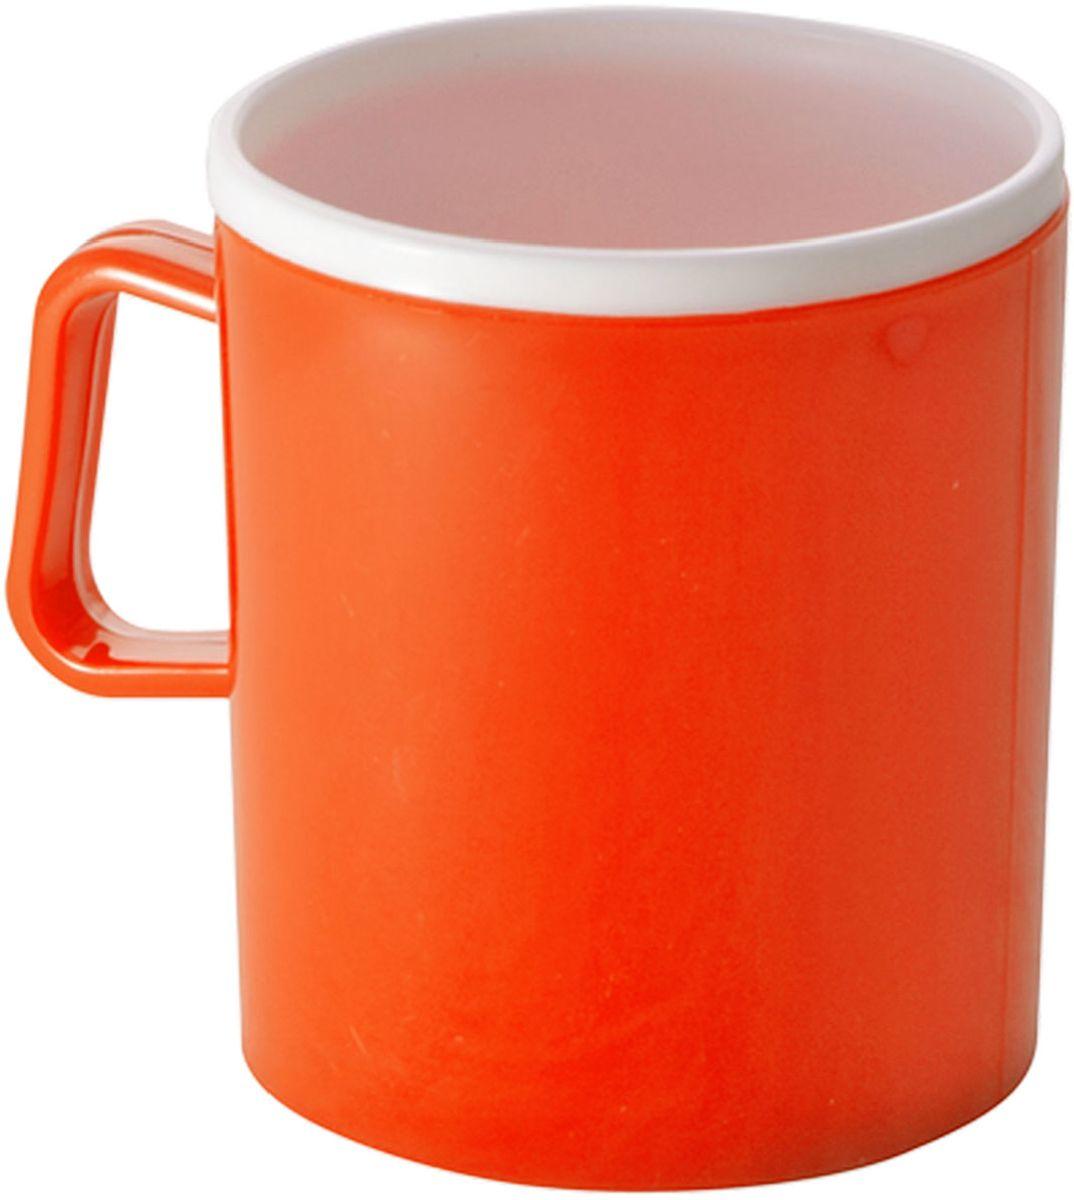 """Термокружка """"Plastic Centre"""" с двойными стенками предназначена для горячих напитков и прекрасно сохраняет их температуру. Прочный пластик подходит для многократного использования. Легкую кружку удобно взять с собой на природу или в поездку. Можно мыть в посудомоечной машине. Объем кружки: 350 мл. Высота кружки: 10 см."""